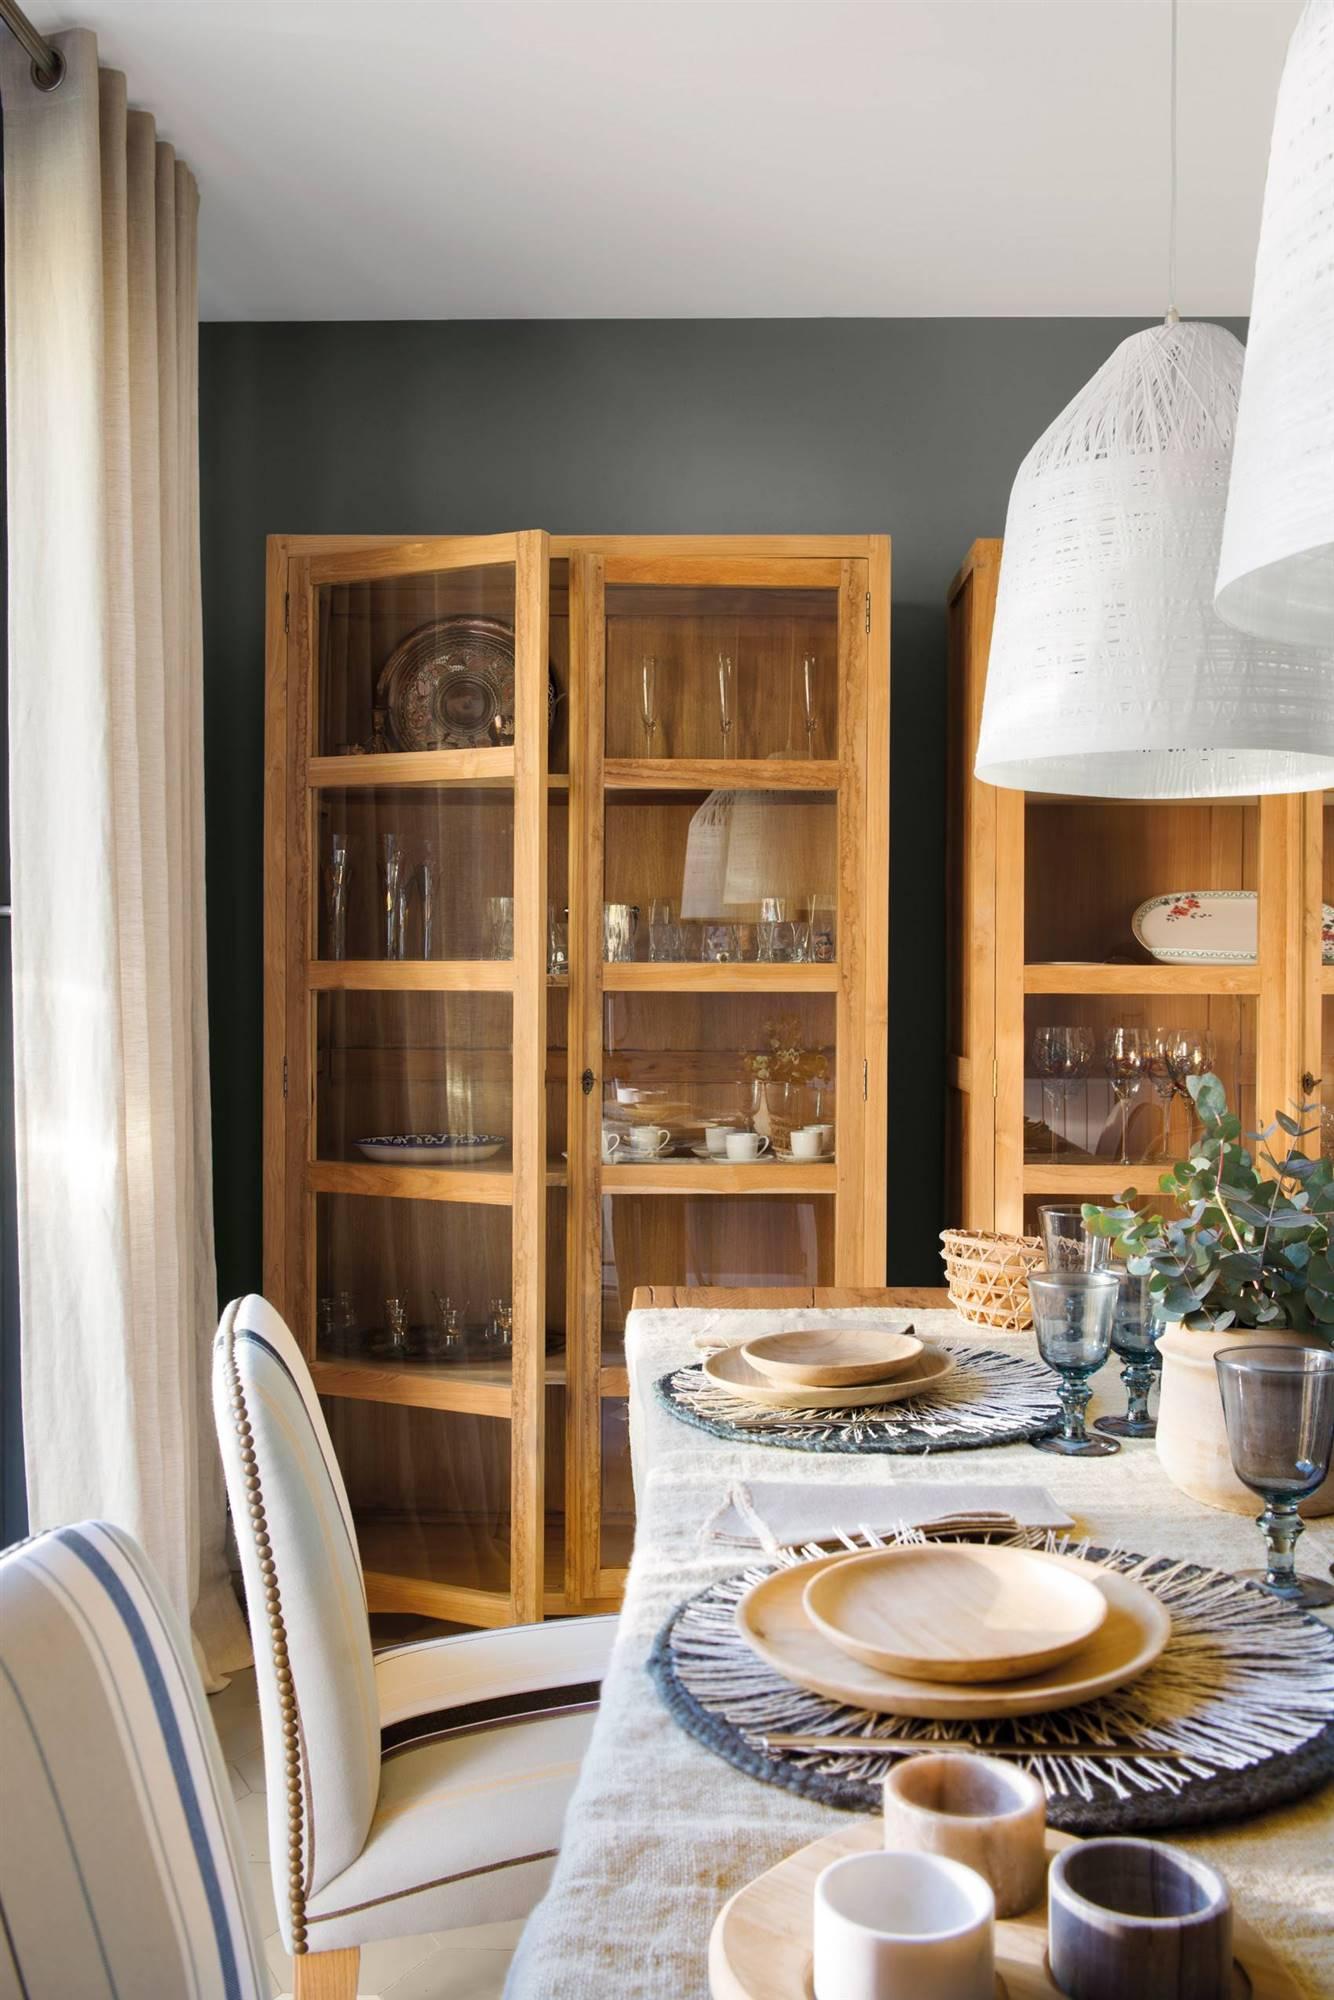 204 fotos de vitrinas - Vitrinas de madera para comedor ...